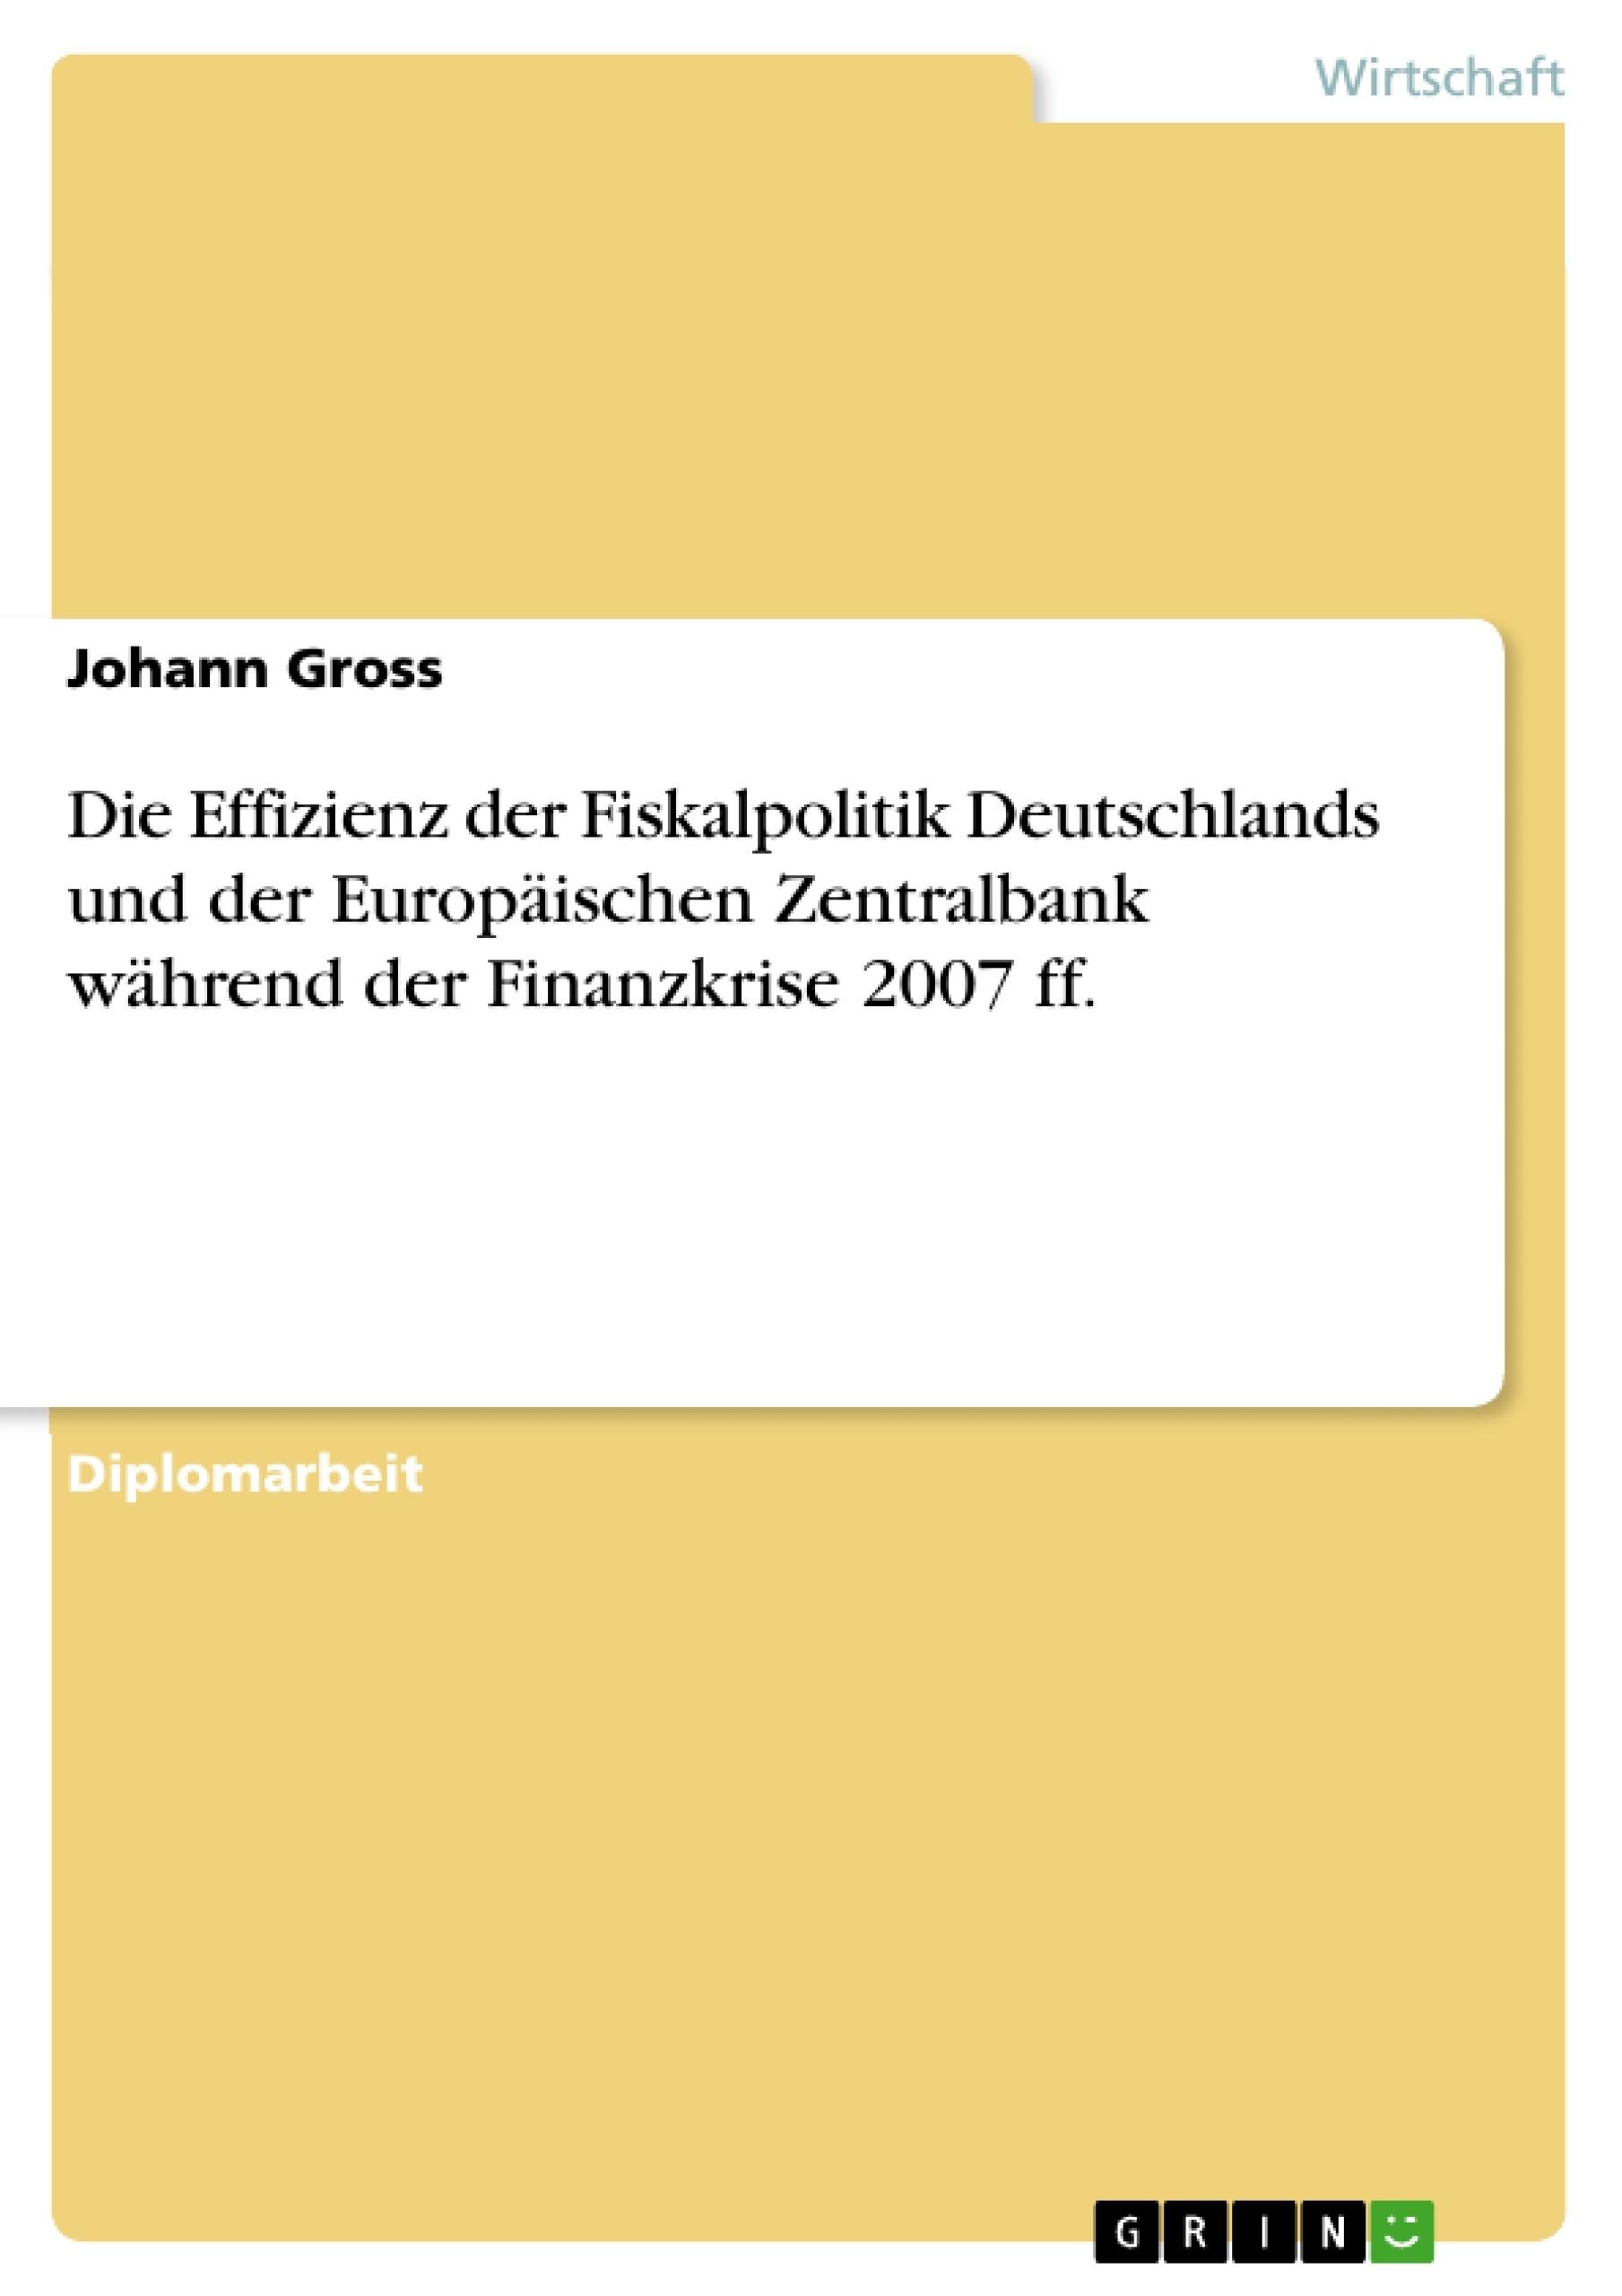 Titel: Die Effizienz der Fiskalpolitik Deutschlands und der Europäischen Zentralbank während der Finanzkrise 2007 ff.